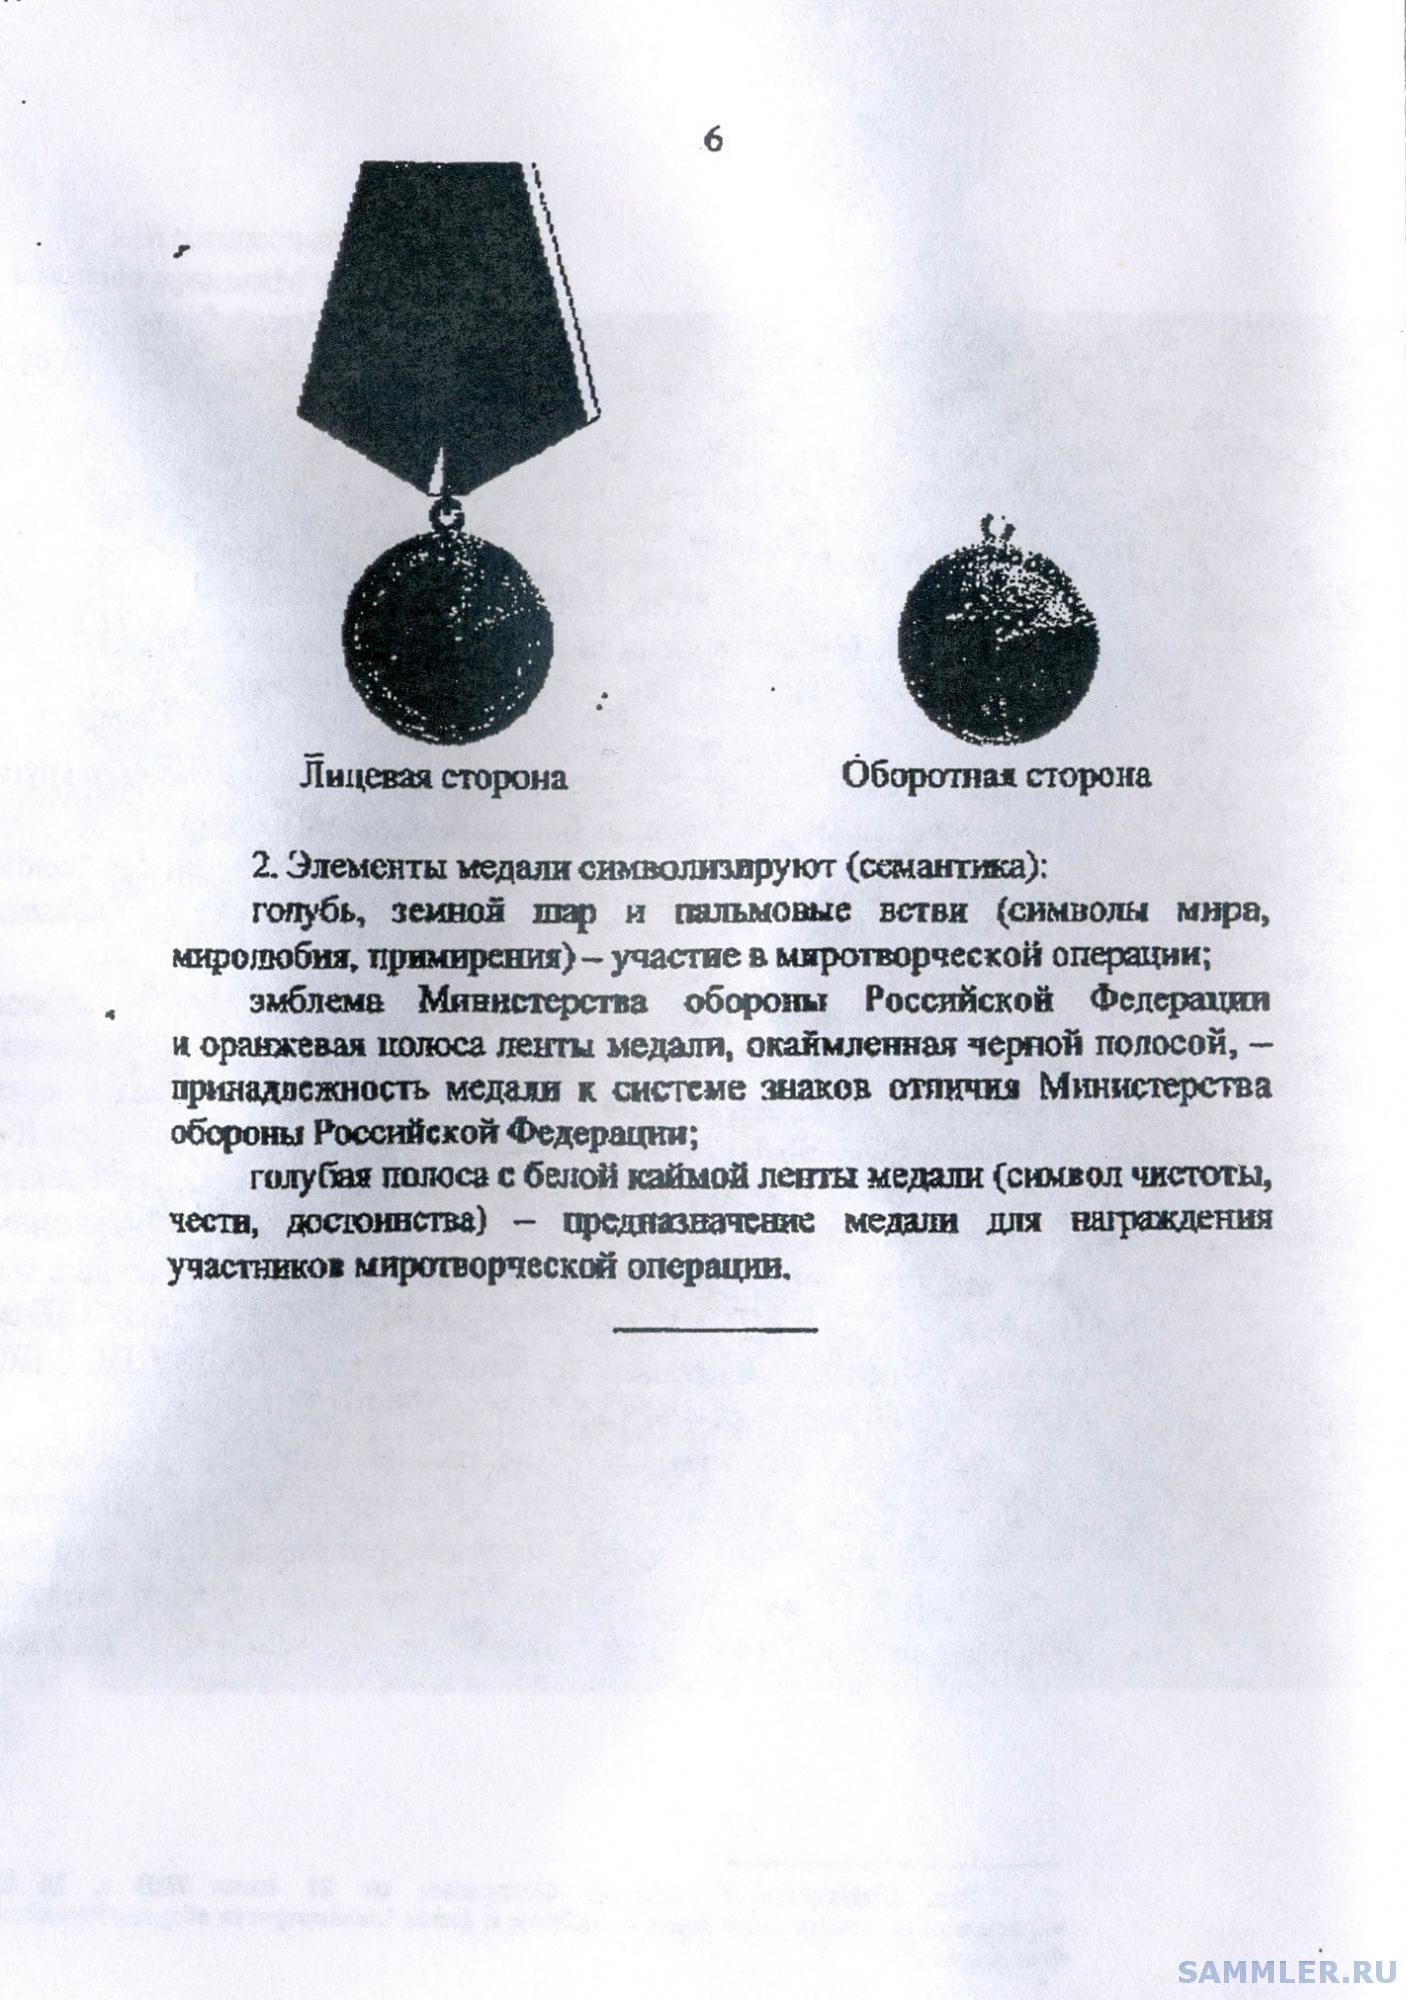 МО №645-6.jpg